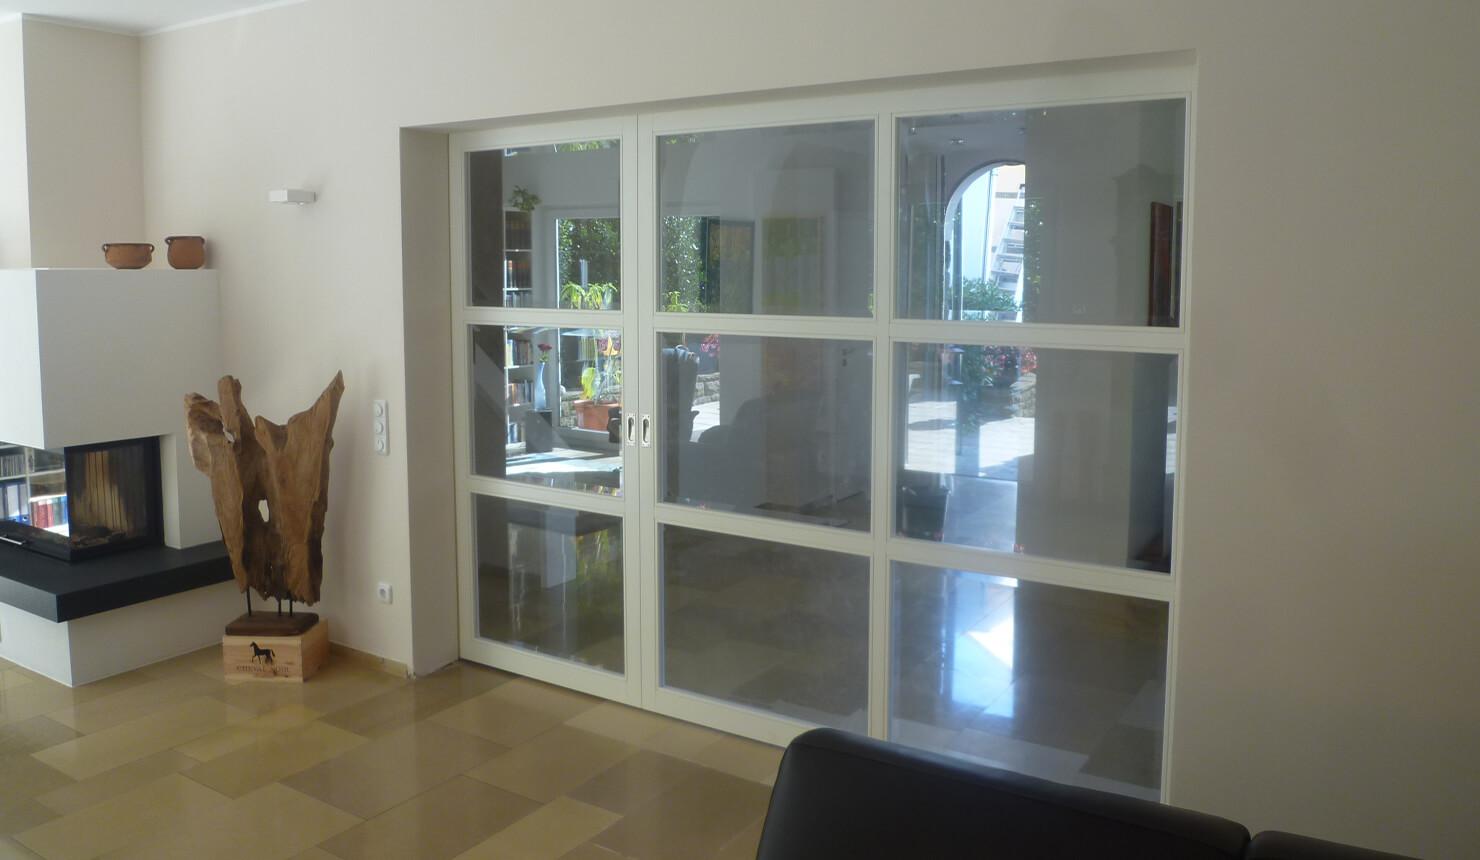 Glasschiebetüranlage unsymmetrisch geteilt In der Wand laufend